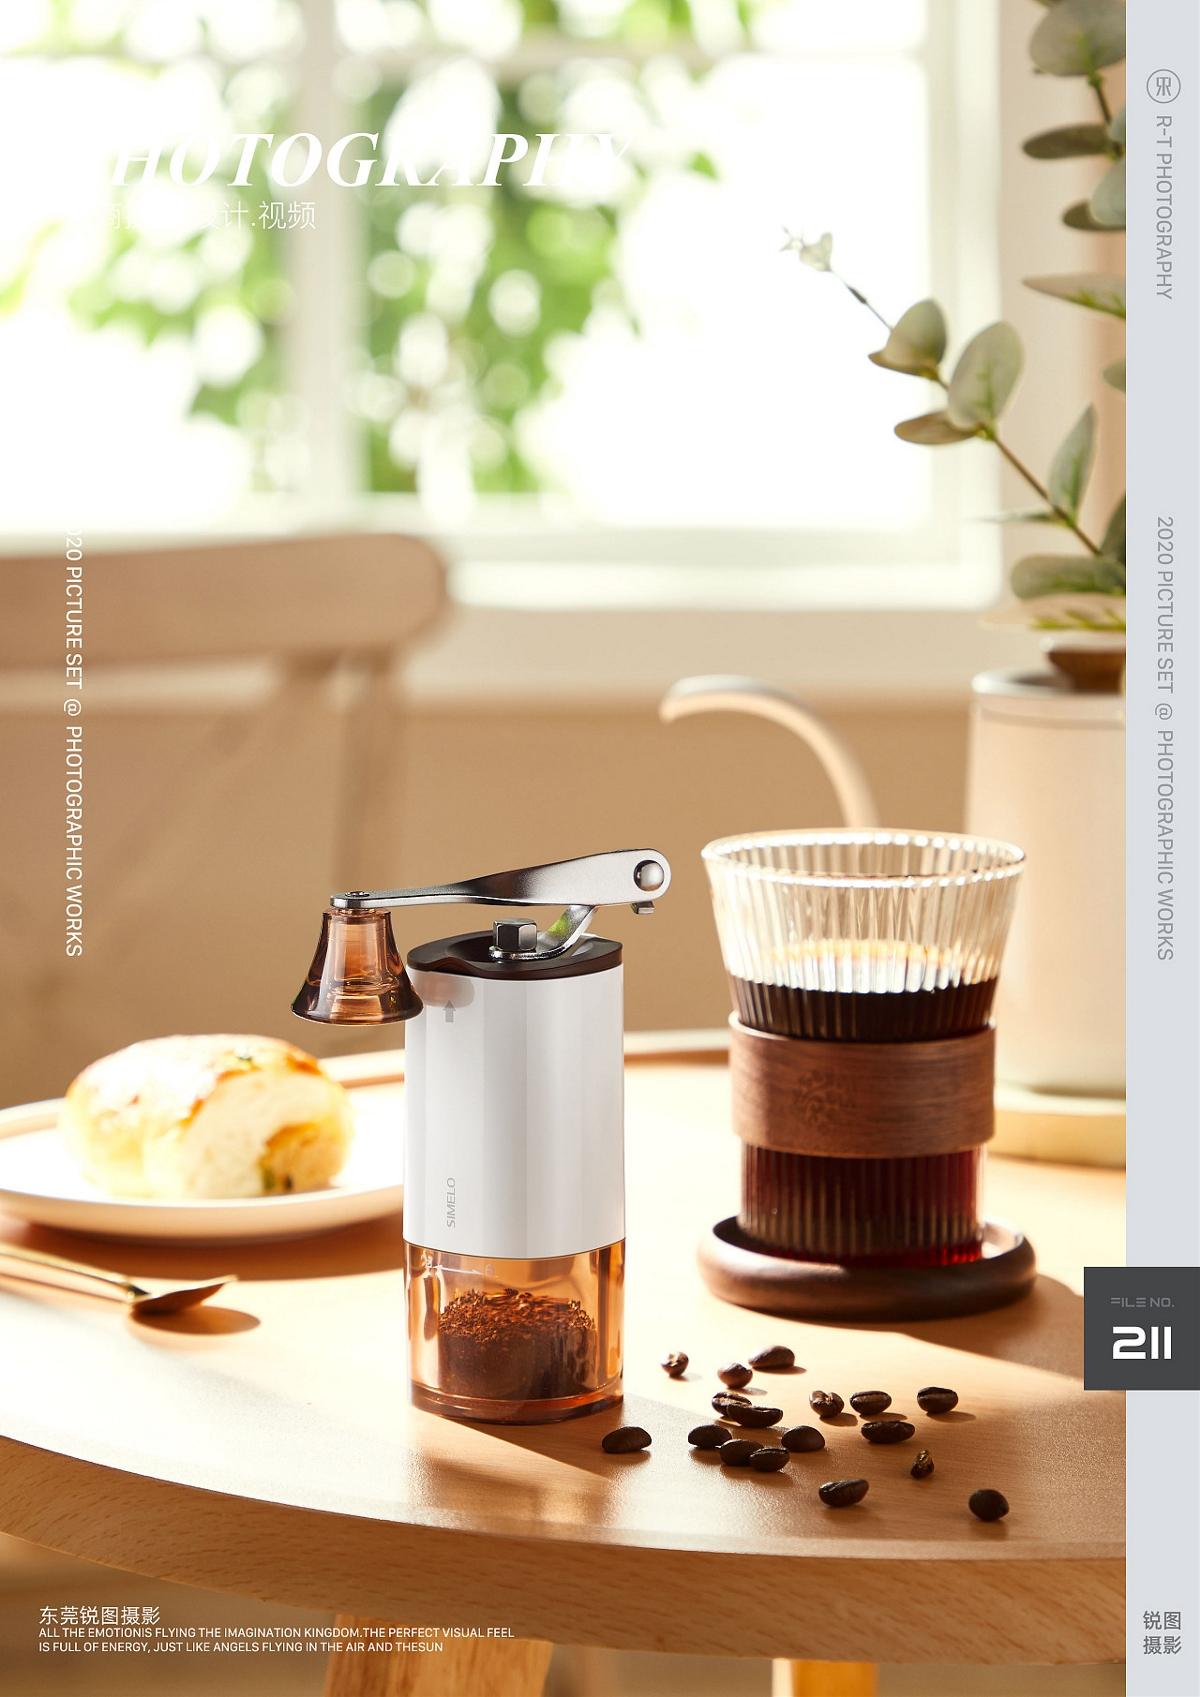 咖啡机产品拍摄/电商摄影/锐图商业摄影